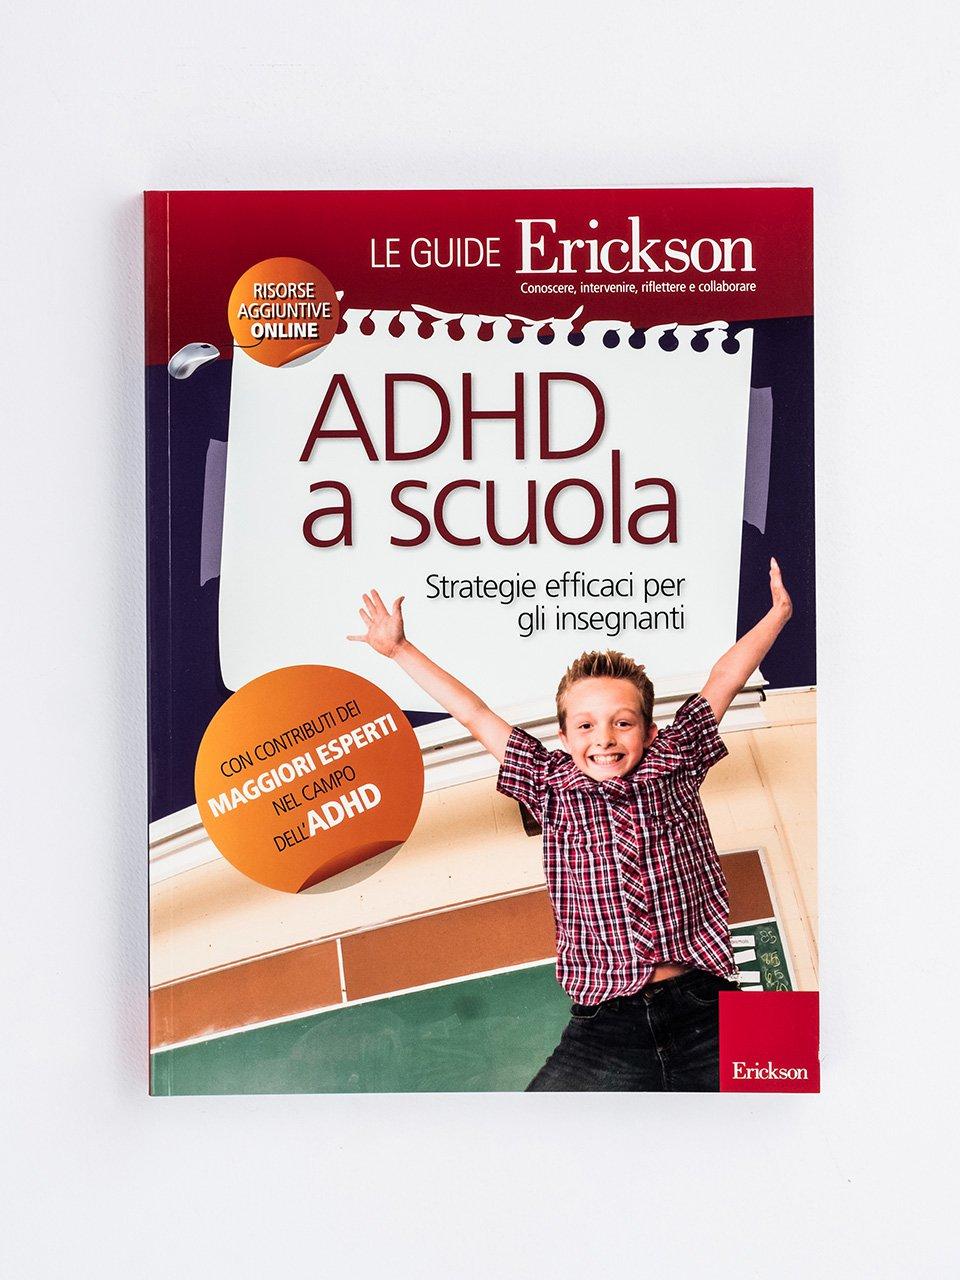 ADHD a scuola - Le guide Erickson - Erickson